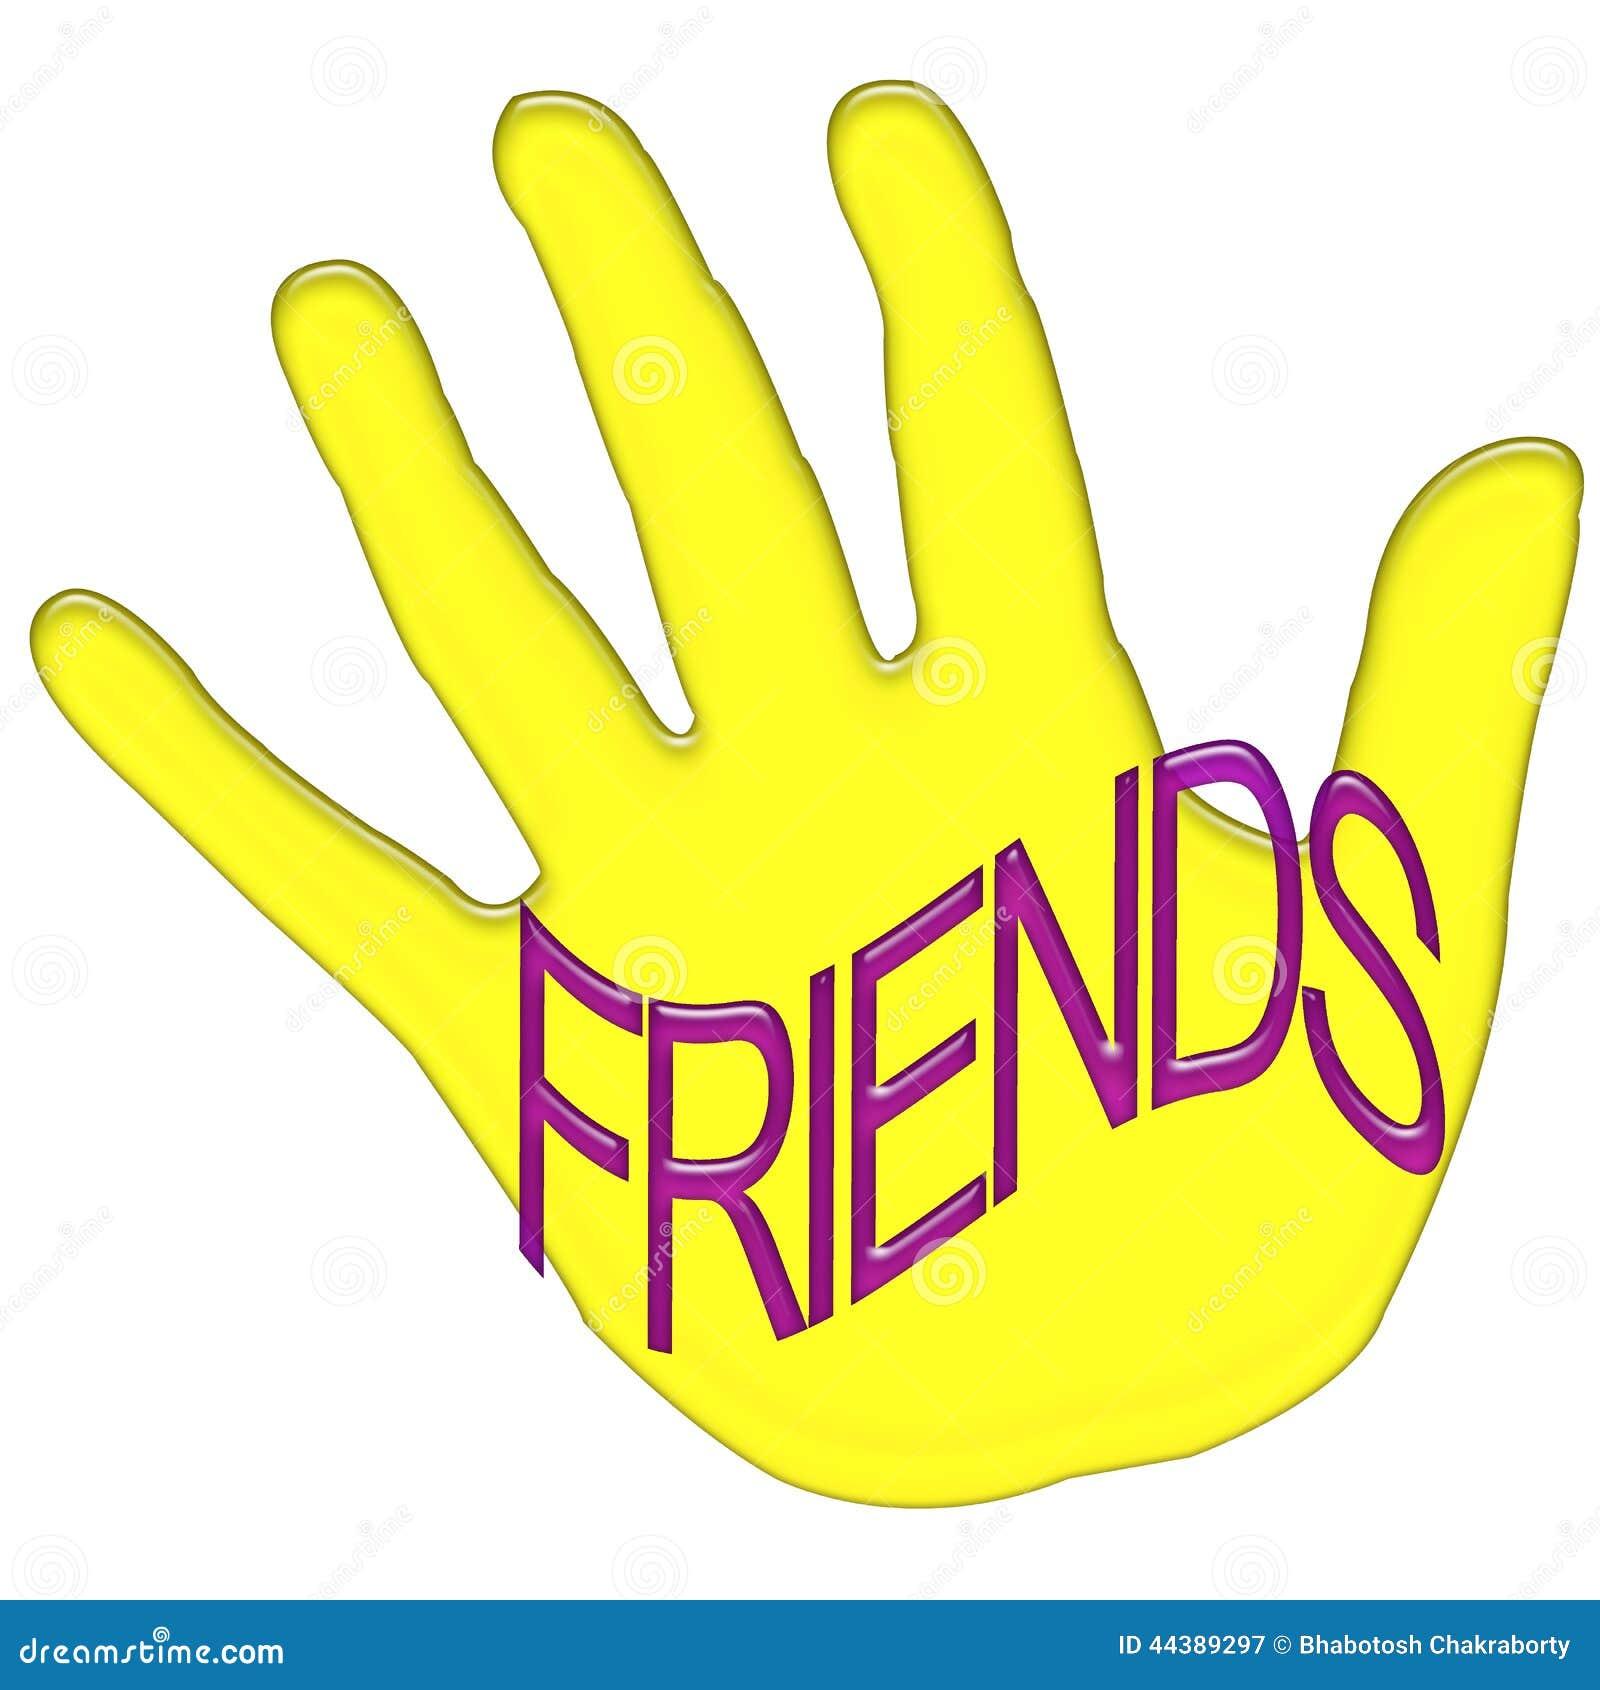 Shirt design for friends - Friends T Shirt Design